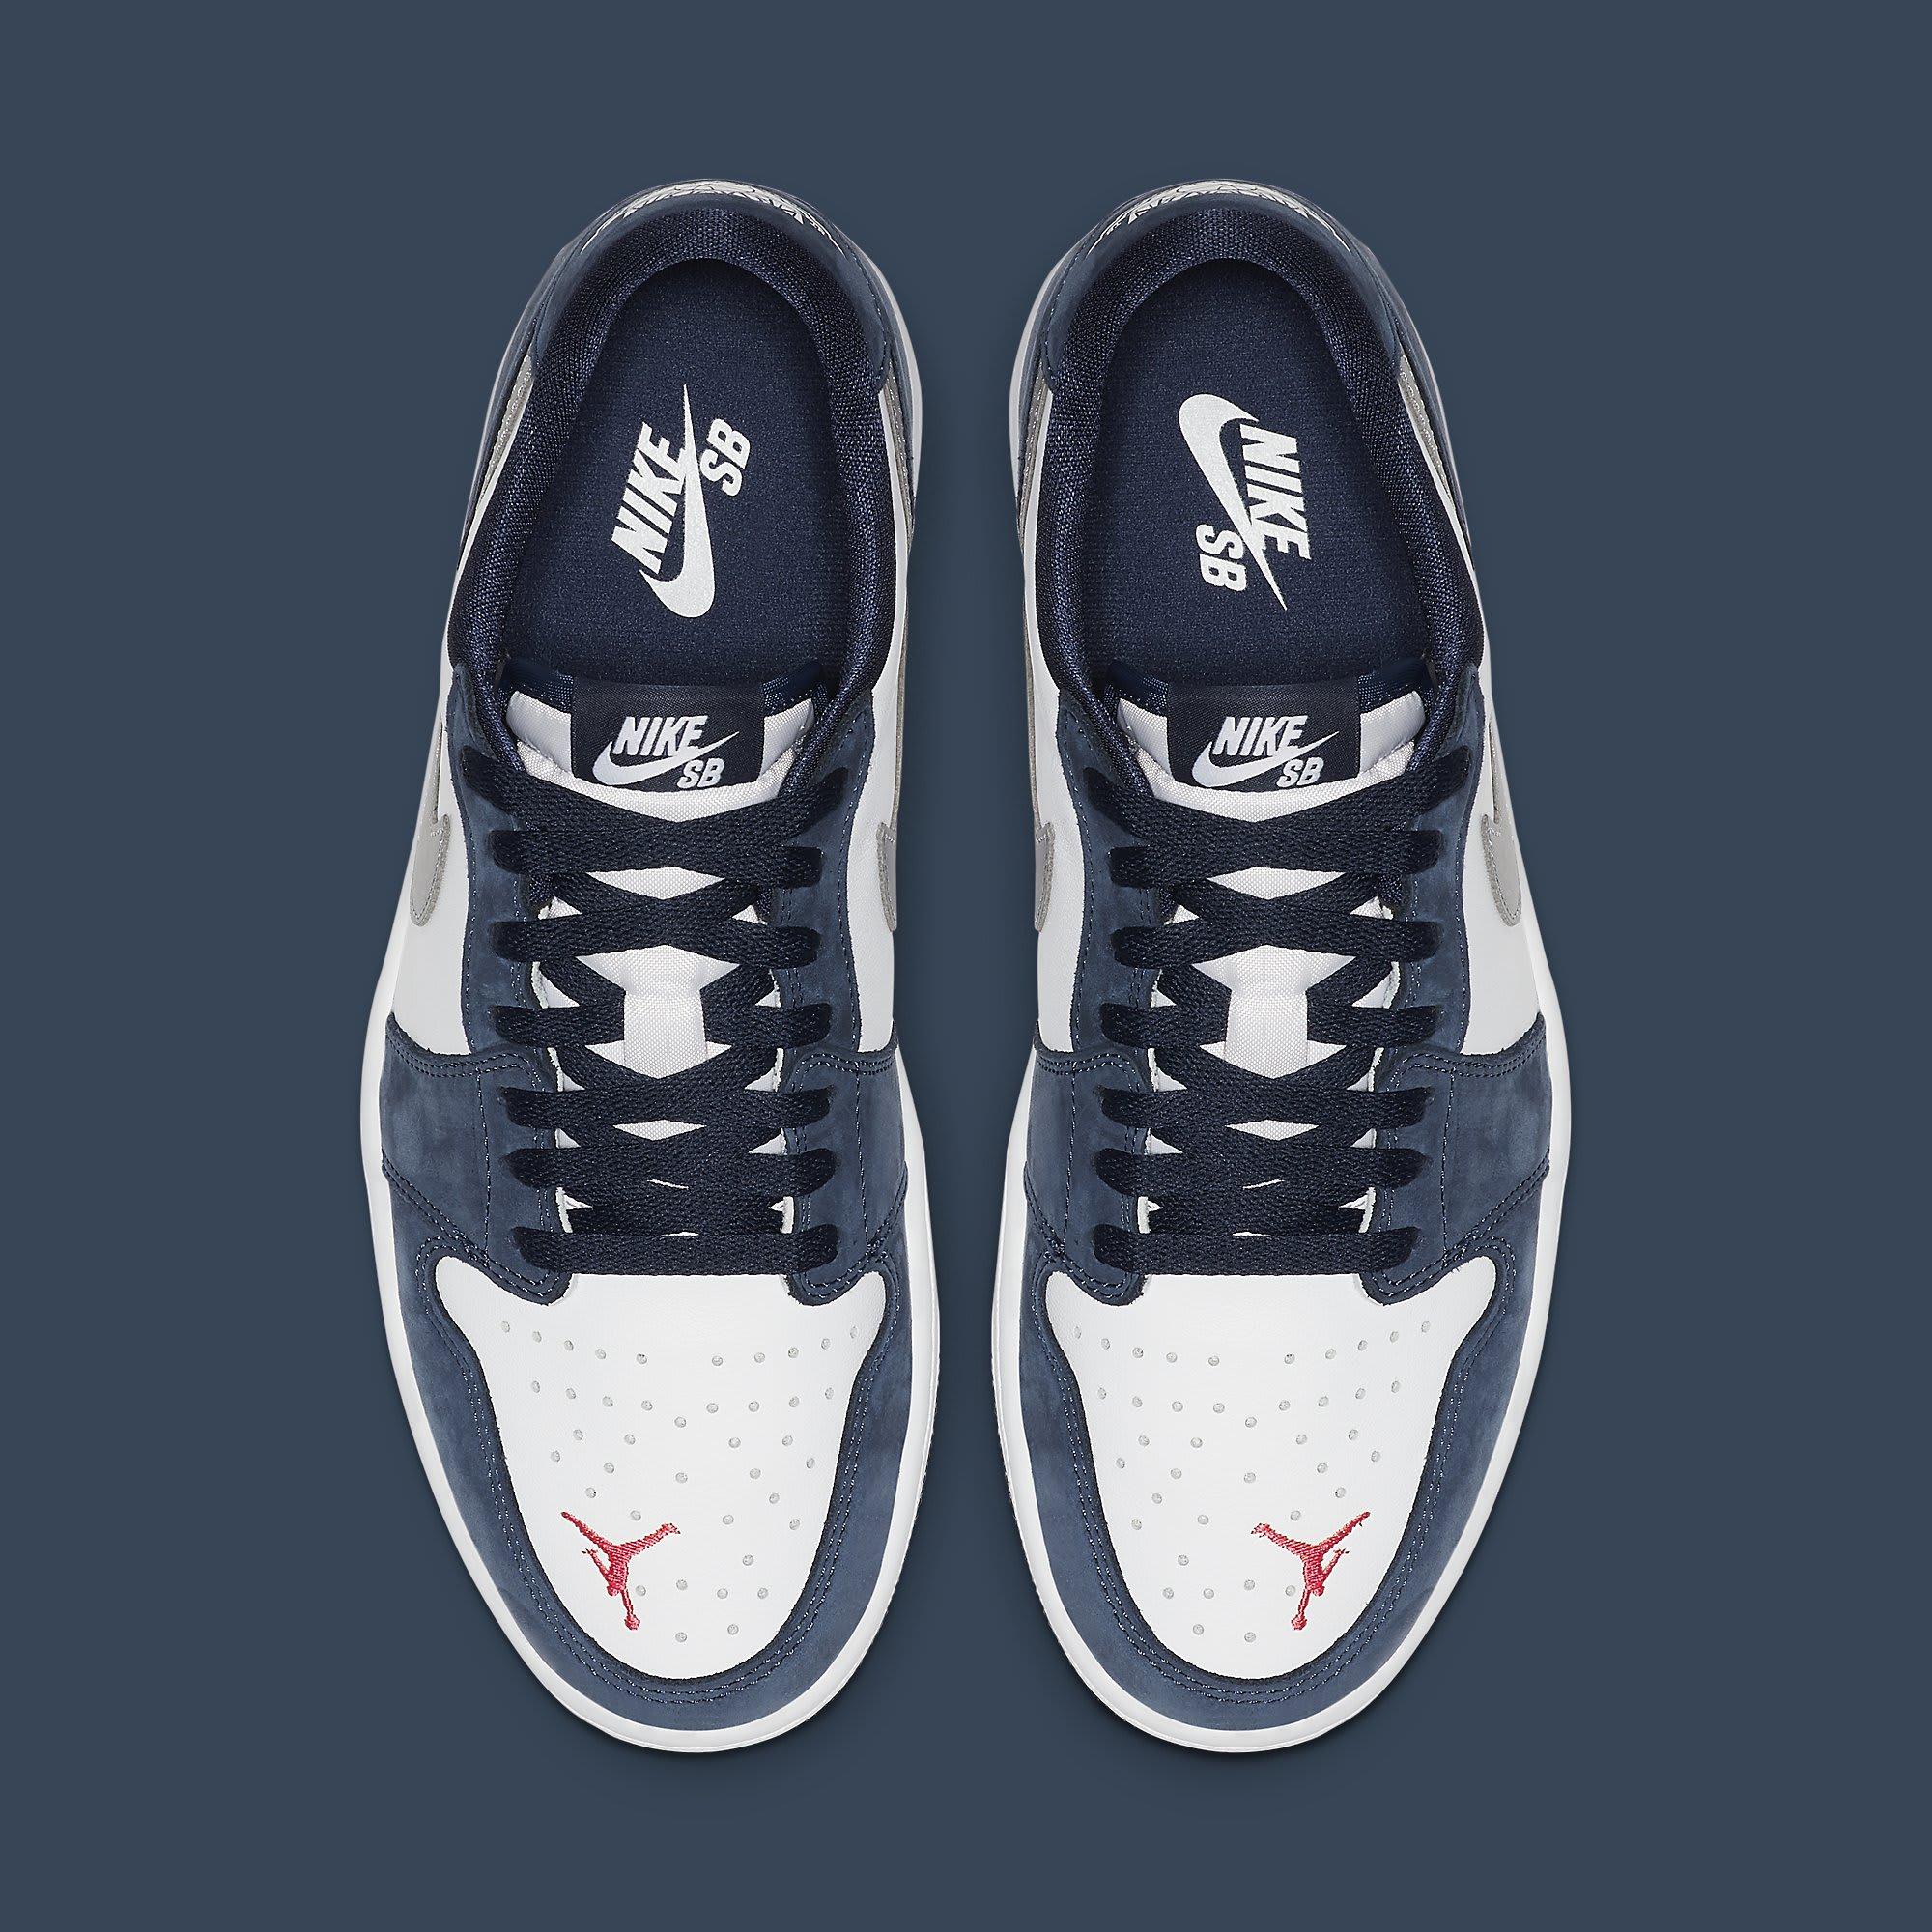 Nike SB Air Jordan 1 Low Koston Release Date CJ7891-400 Top